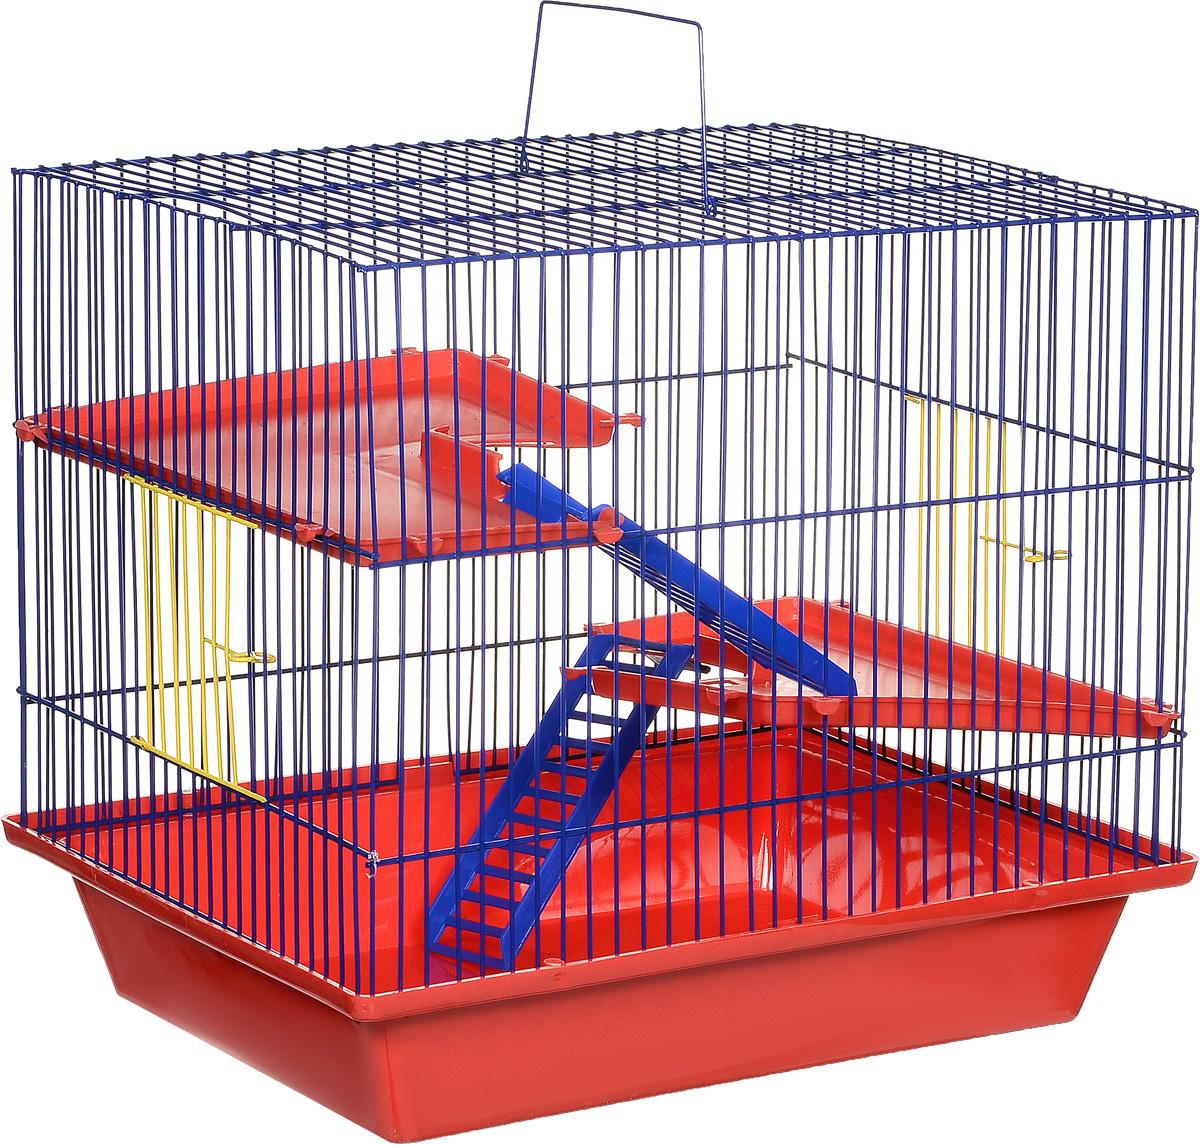 Клетка для грызунов ЗооМарк Гризли, 3-этажная, цвет: красный поддон, синяя решетка, красные этажи, 41 х 30 х 36 см230КСКлетка ЗооМарк Гризли, выполненная из полипропилена и металла, подходит для мелких грызунов. Изделие трехэтажное. Клетка имеет яркий поддон, удобна в использовании и легко чистится. Сверху имеется ручка для переноски. Такая клетка станет уединенным личным пространством и уютным домиком для маленького грызуна.